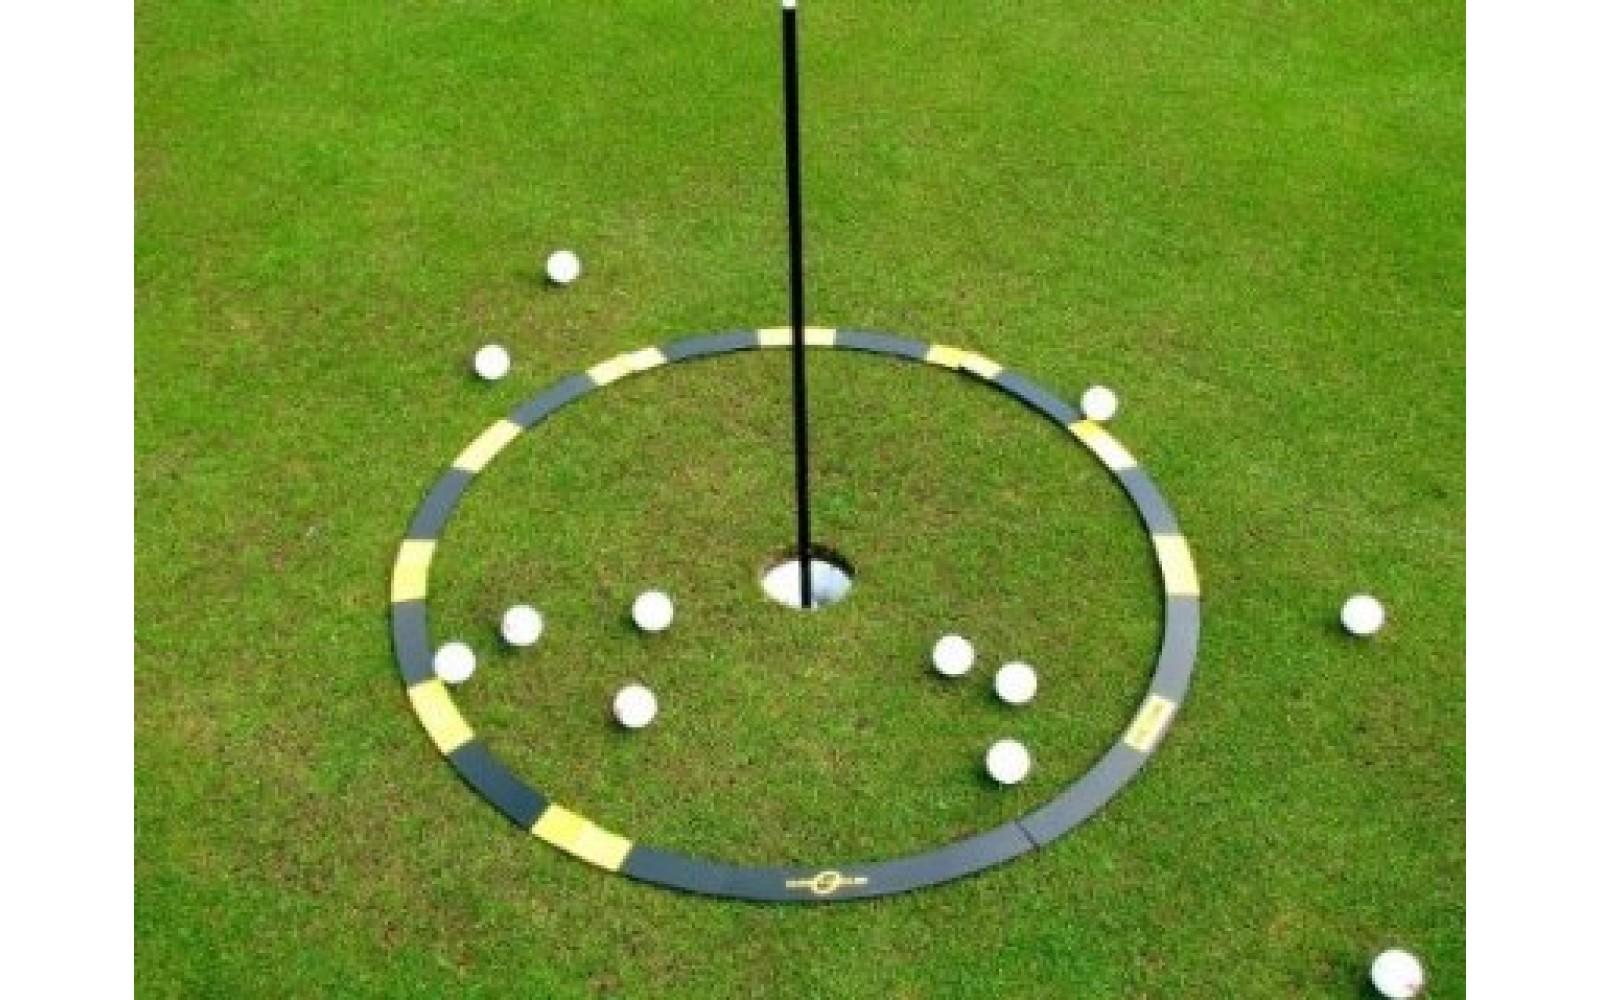 Eyeline Target Circles - 1 Meter